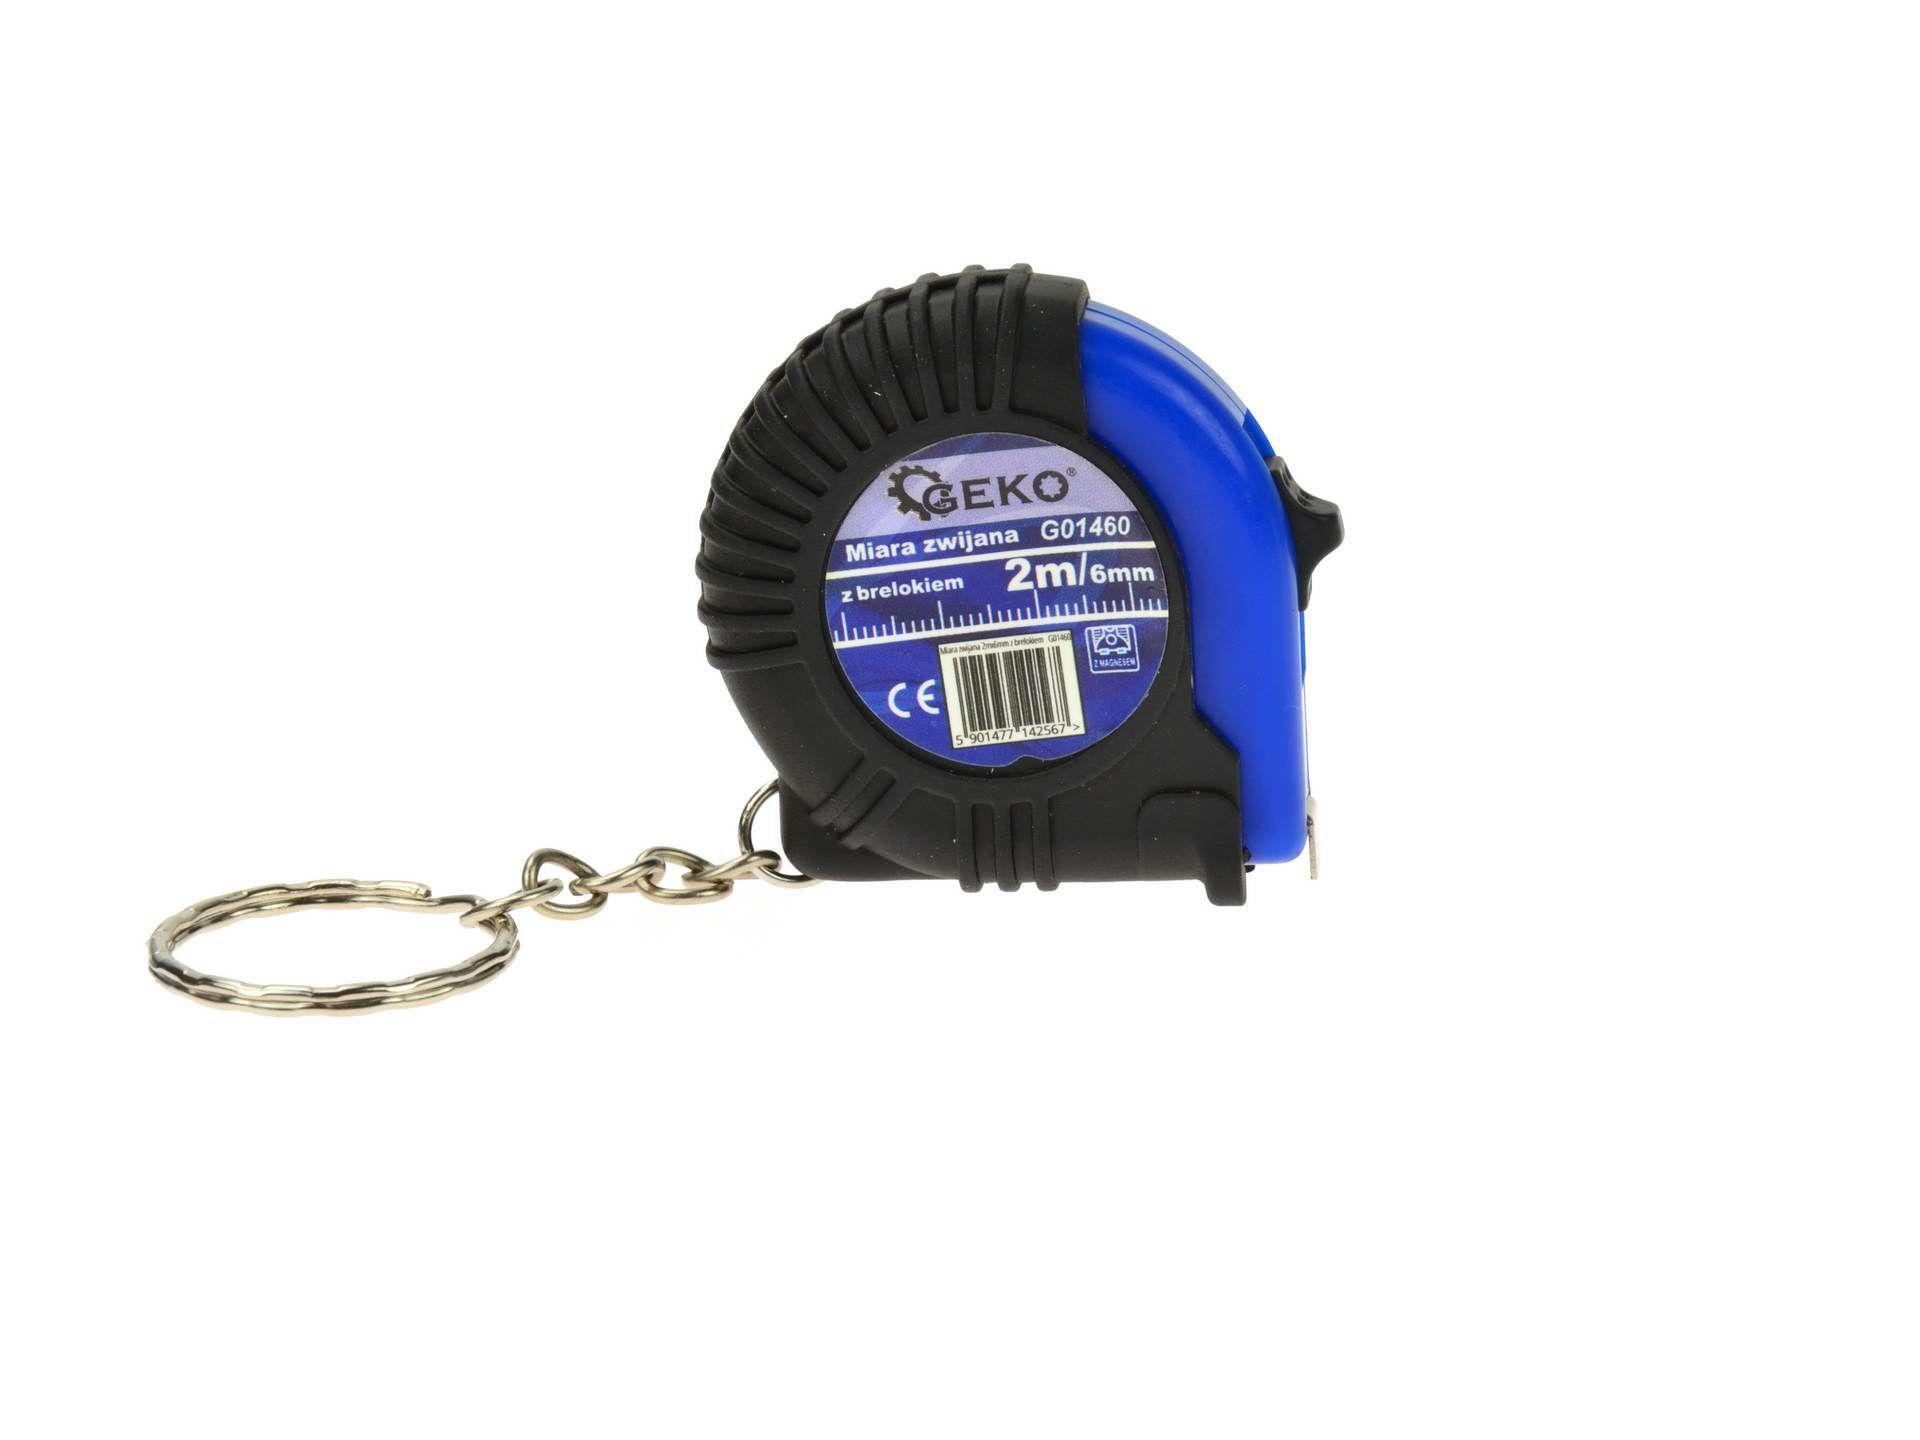 Svinovací metr 2mx6mm s klíčenkou GEKO